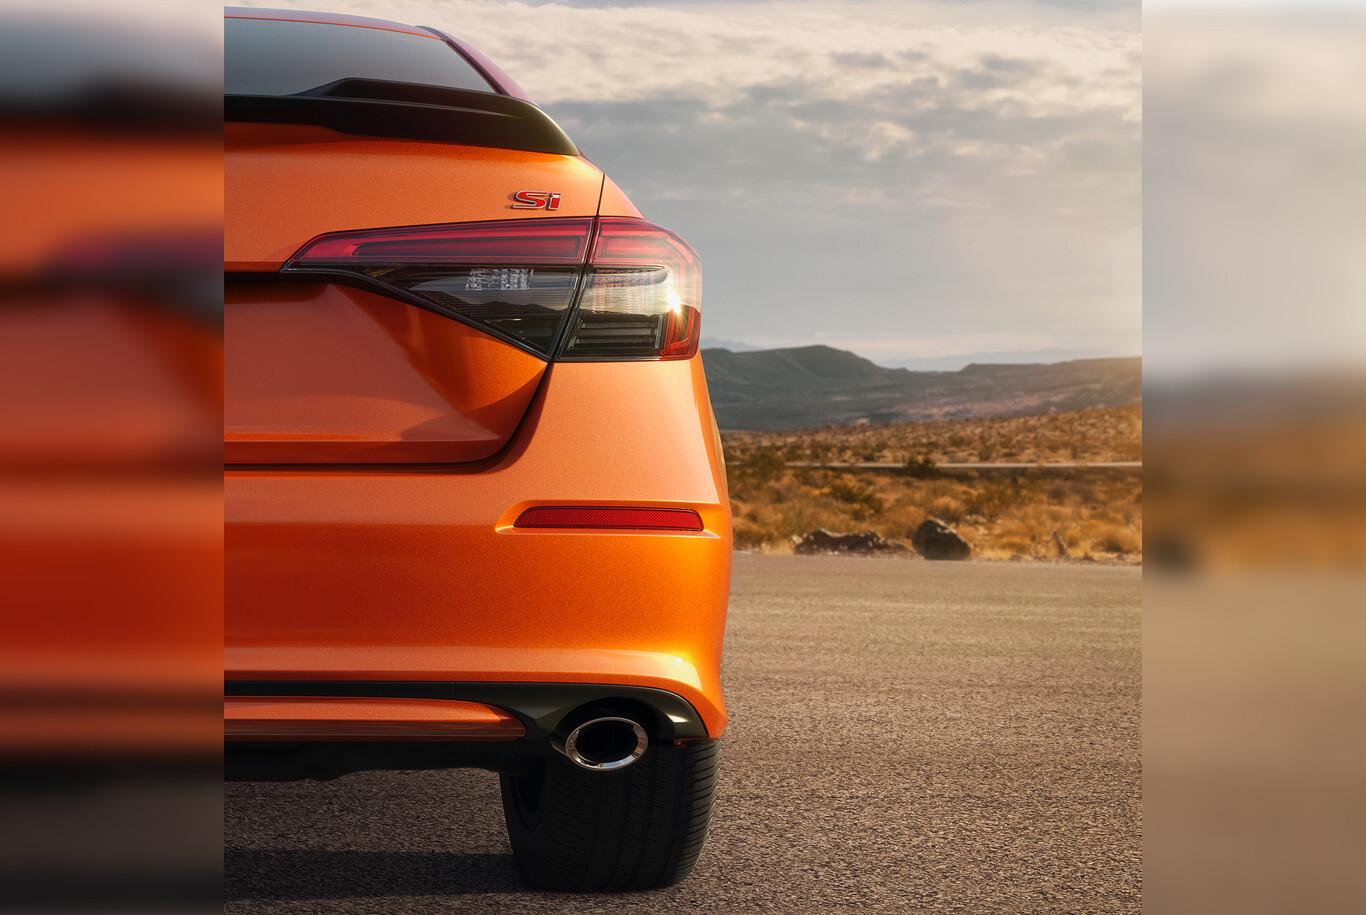 El Honda Civic Si 2022 adelanta su carácter deportivo con una foto, a un día de su presentación